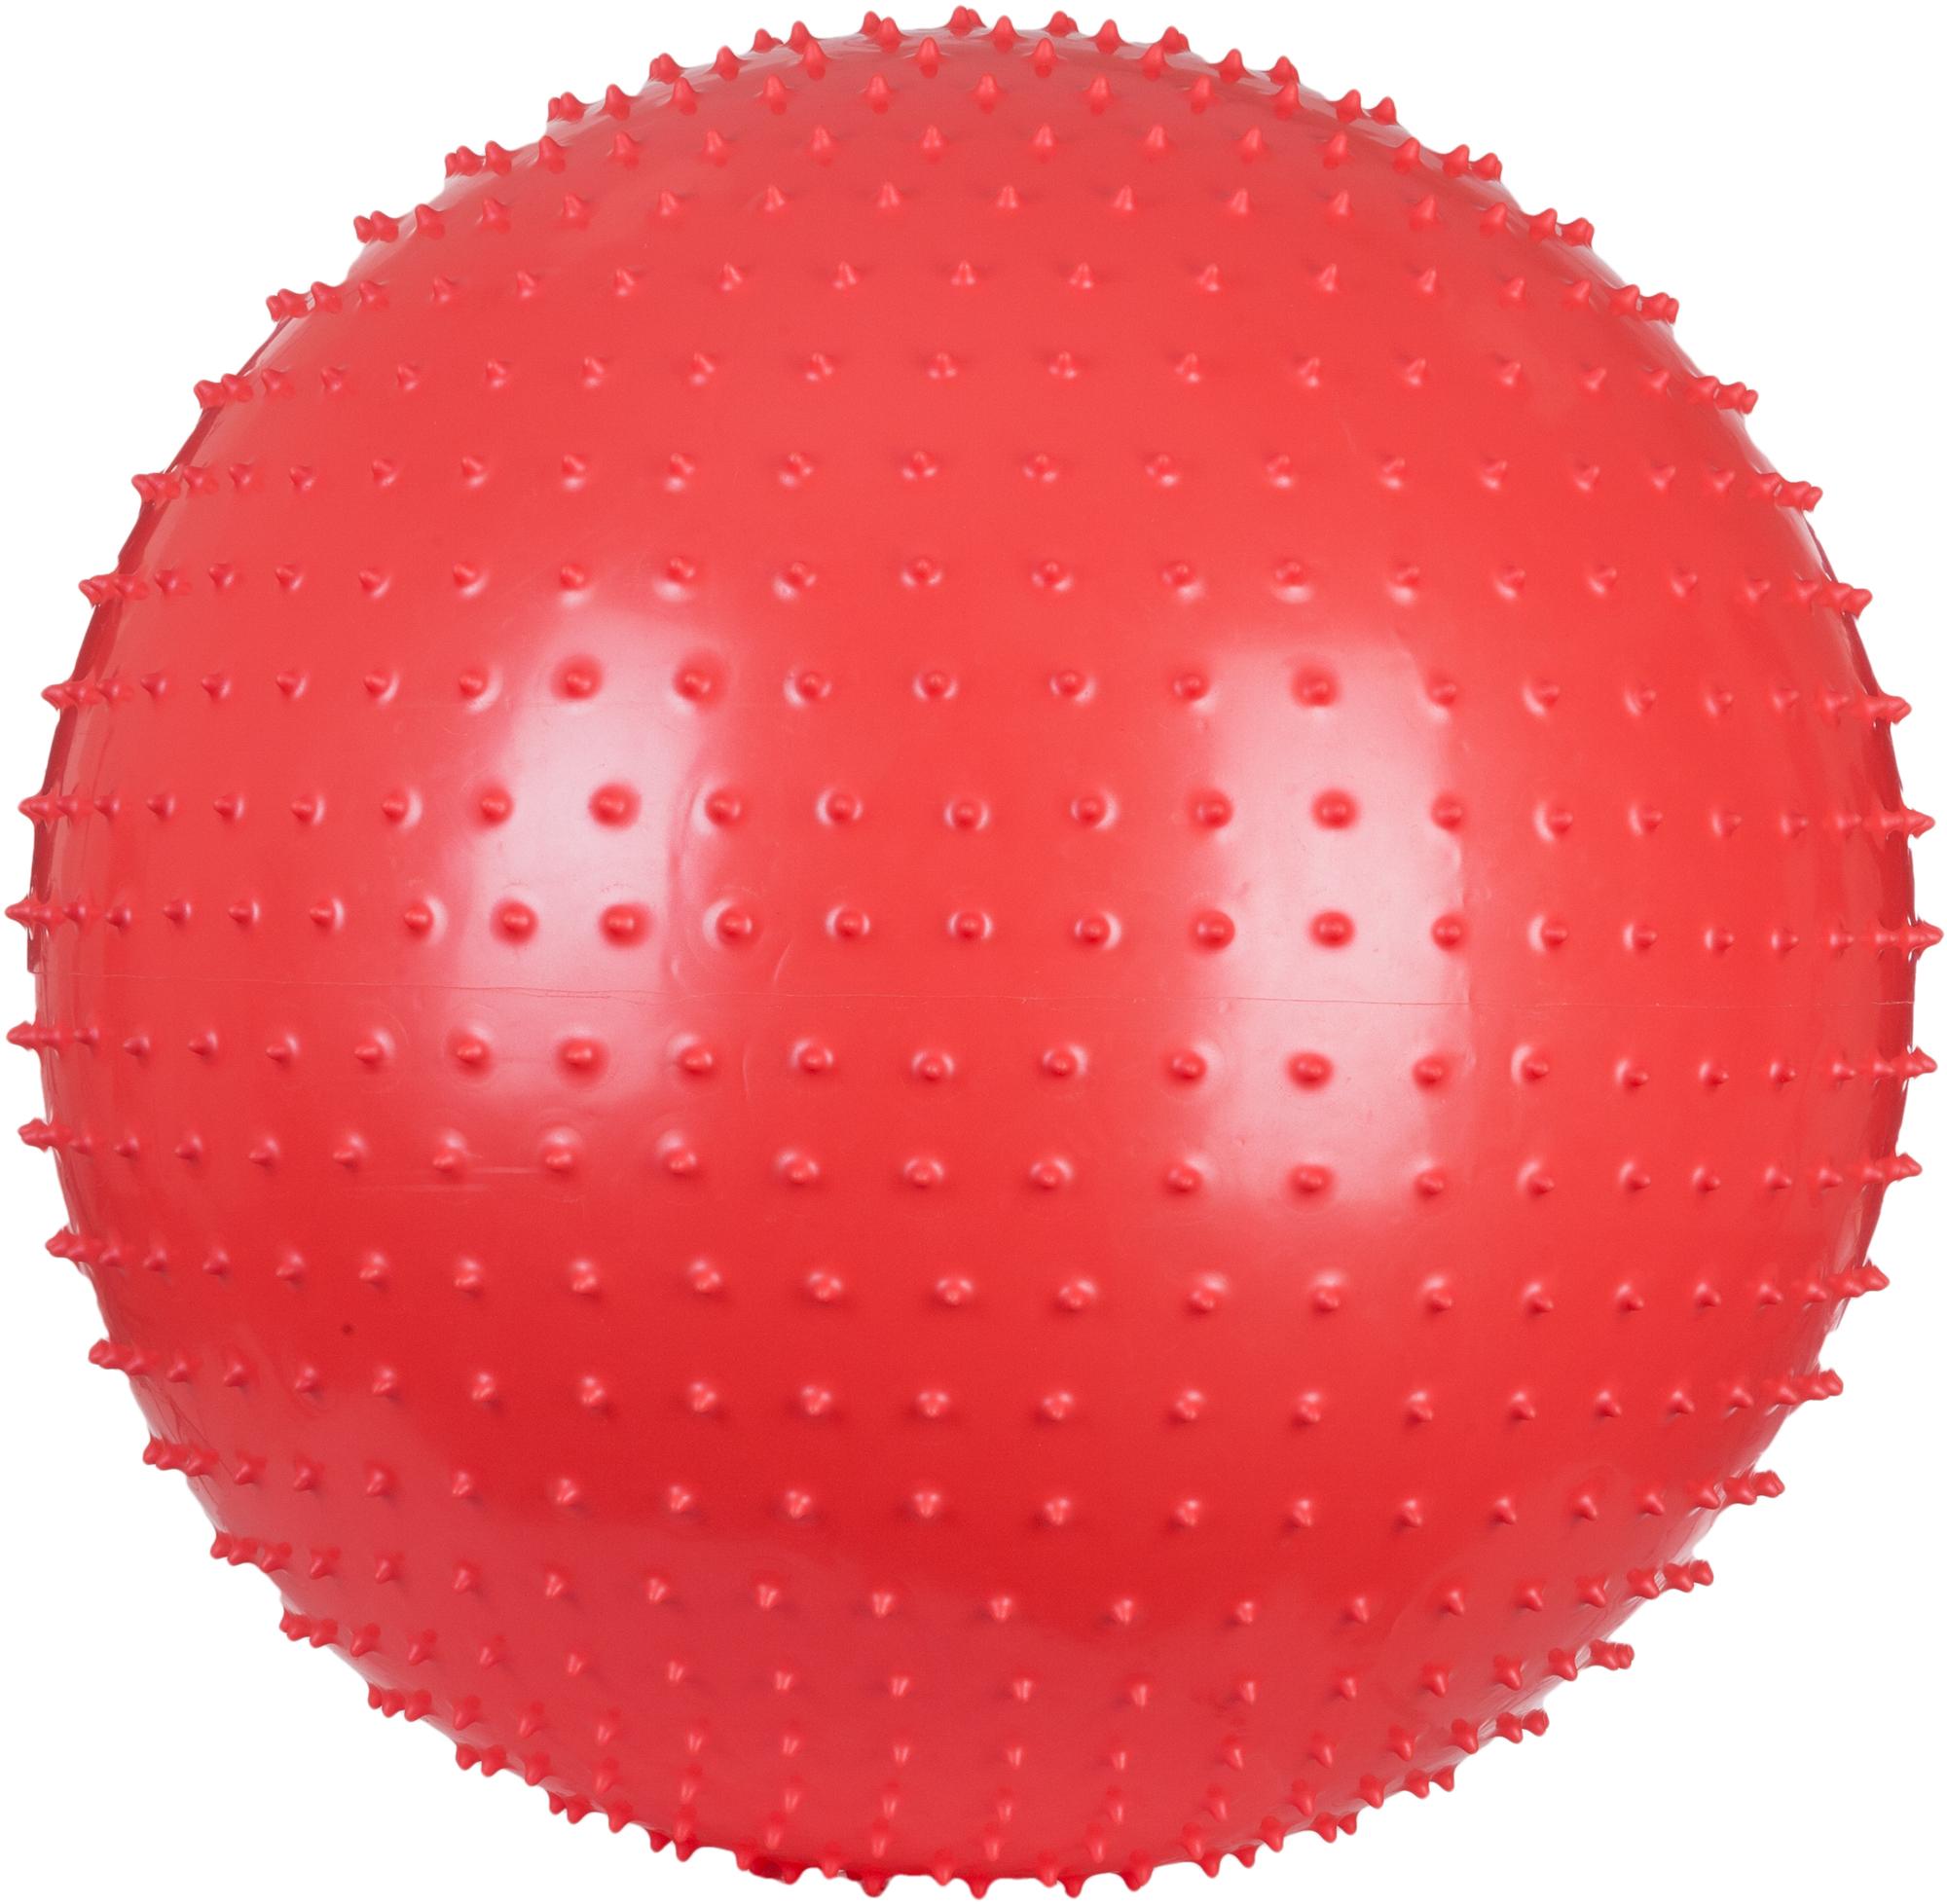 Torneo Мяч массажный Torneo, 65 см мяч массажный alonsa цвет серебристый 20 см